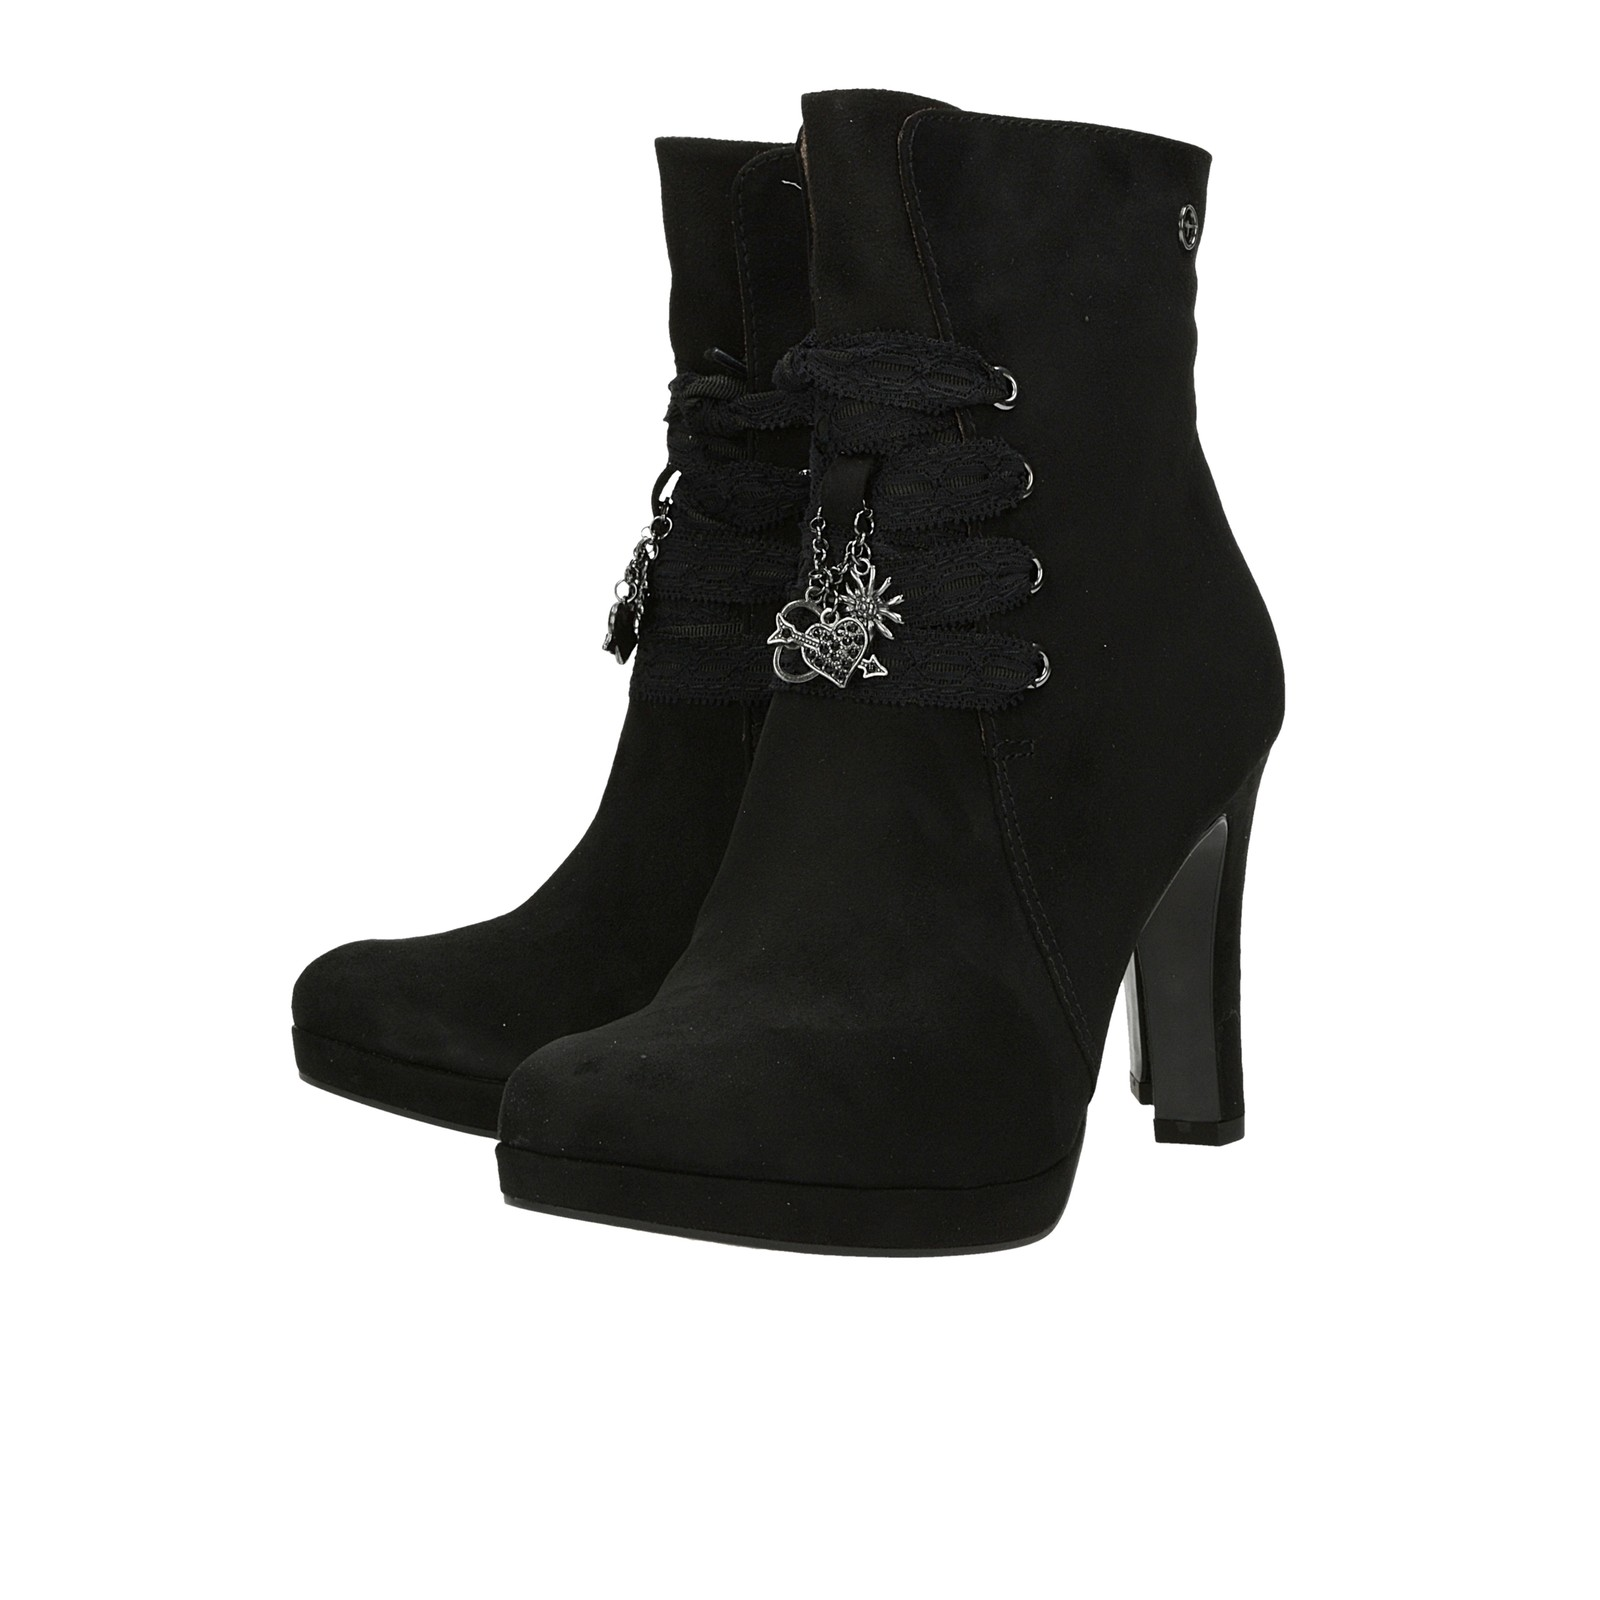 7687a57990cd0 Tamaris dámské kotníkové boty na vysokém podpatku - černé | 2515531 ...